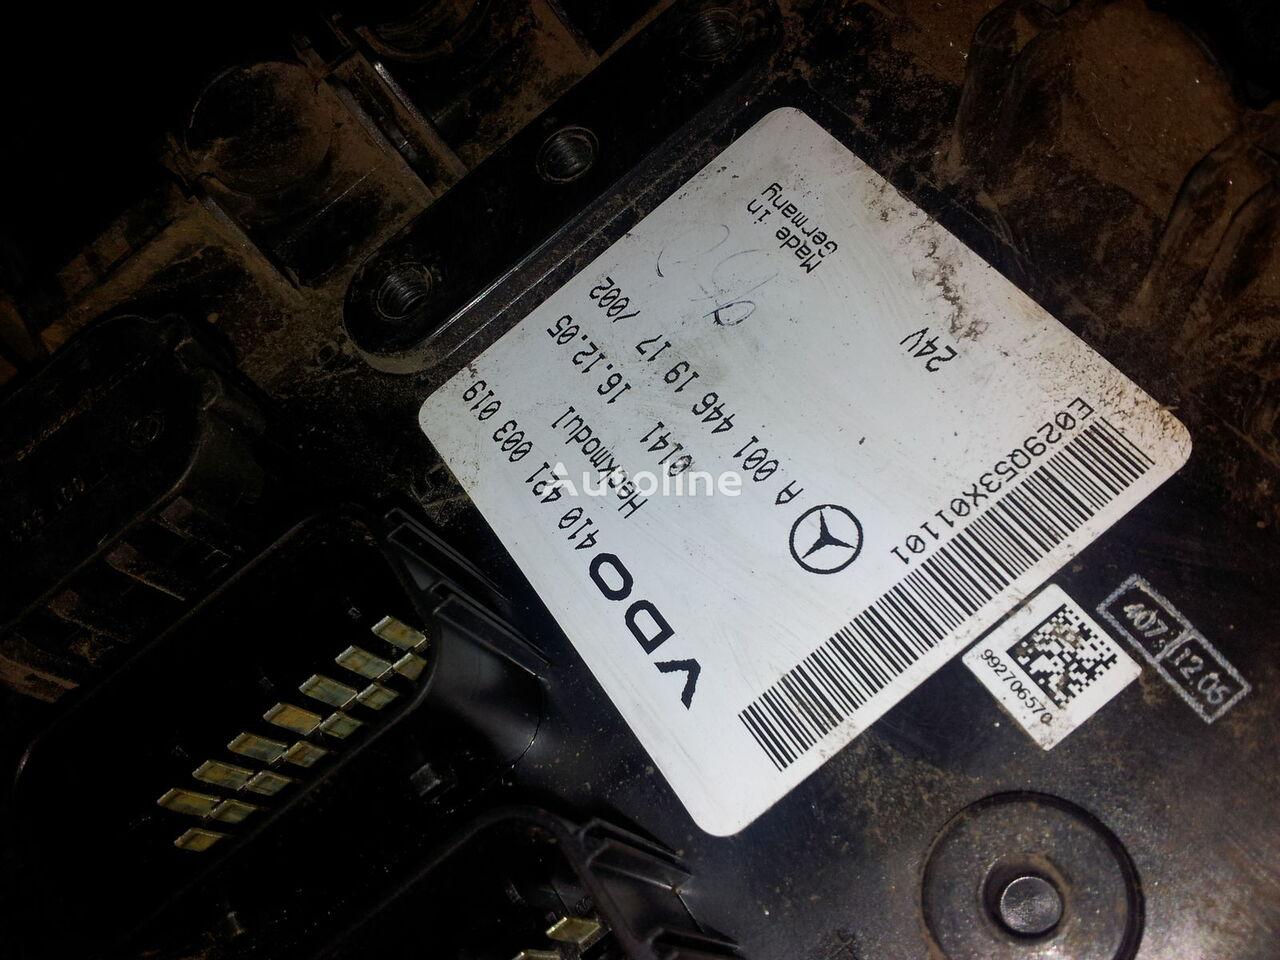 блок управления  MB Actros MP2, MP3, Heckmodul, control unit, EDC, ECU, rear module electronics, 0014461917, 0014462817, 0014462017,0014461917,0014462717,0014461617, 41021003020, 410421003019, 0014462817 для тягача MERCEDES-BENZ Actros MP2; MP3